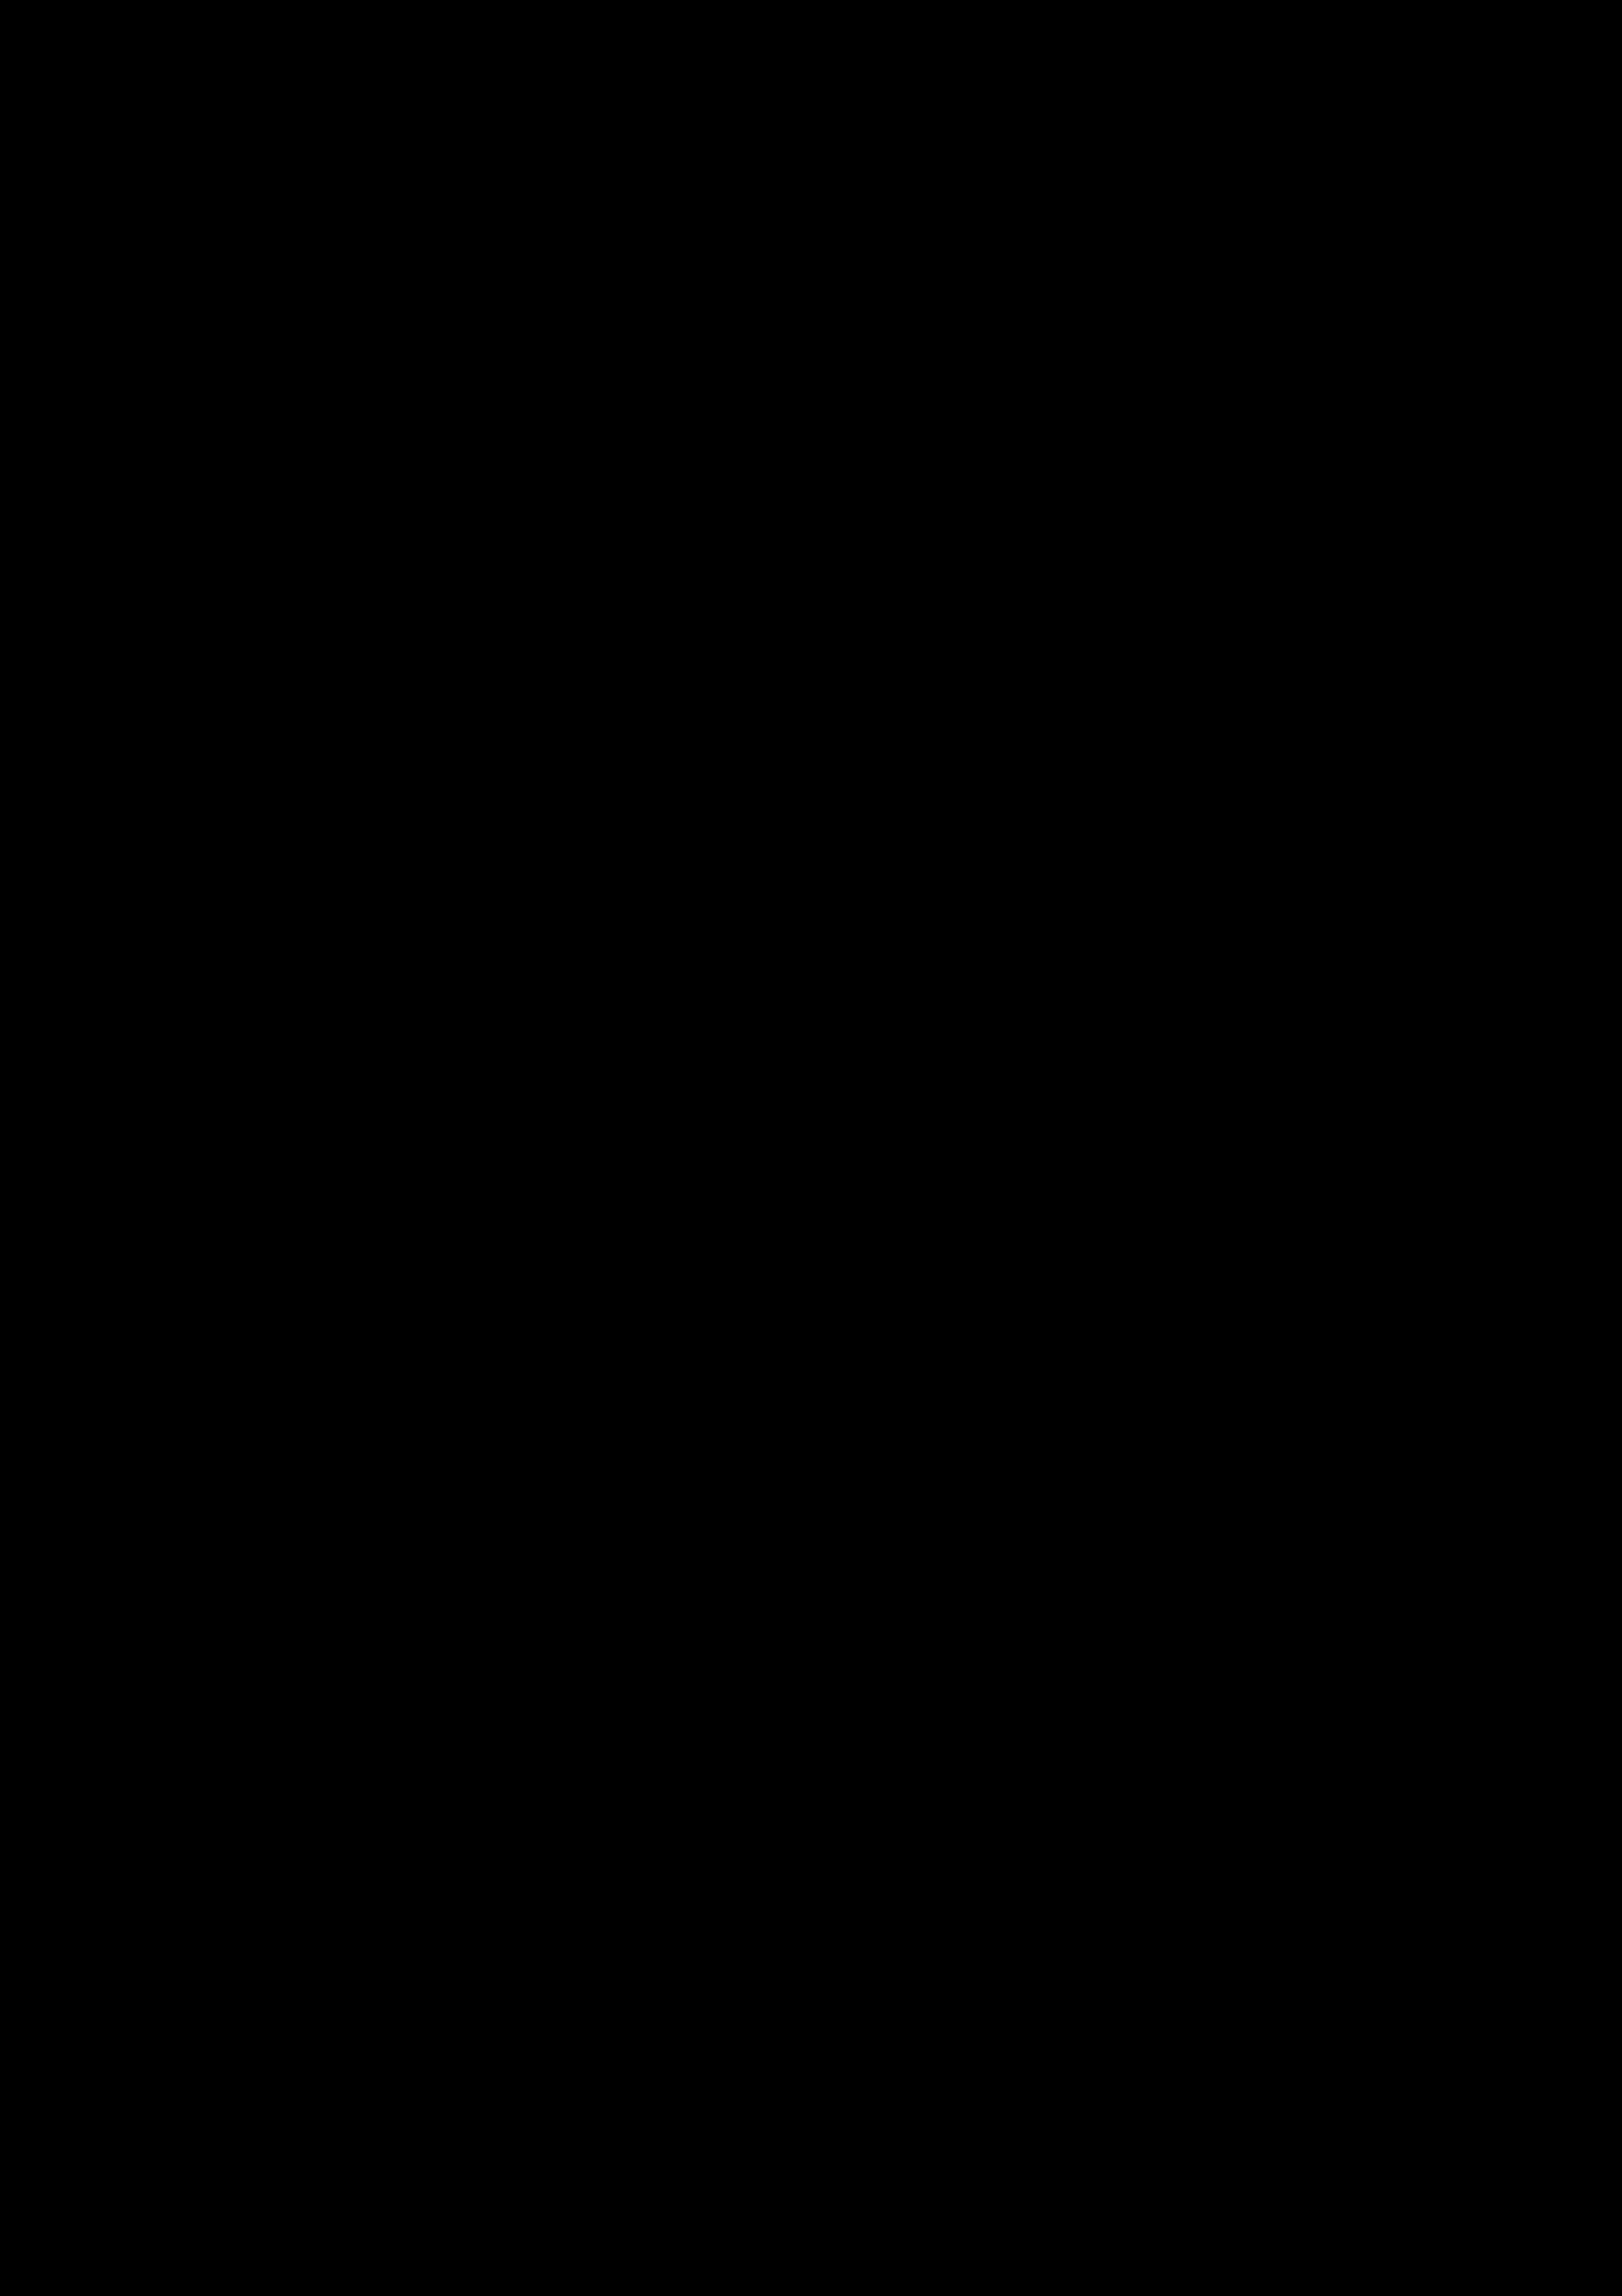 noway2